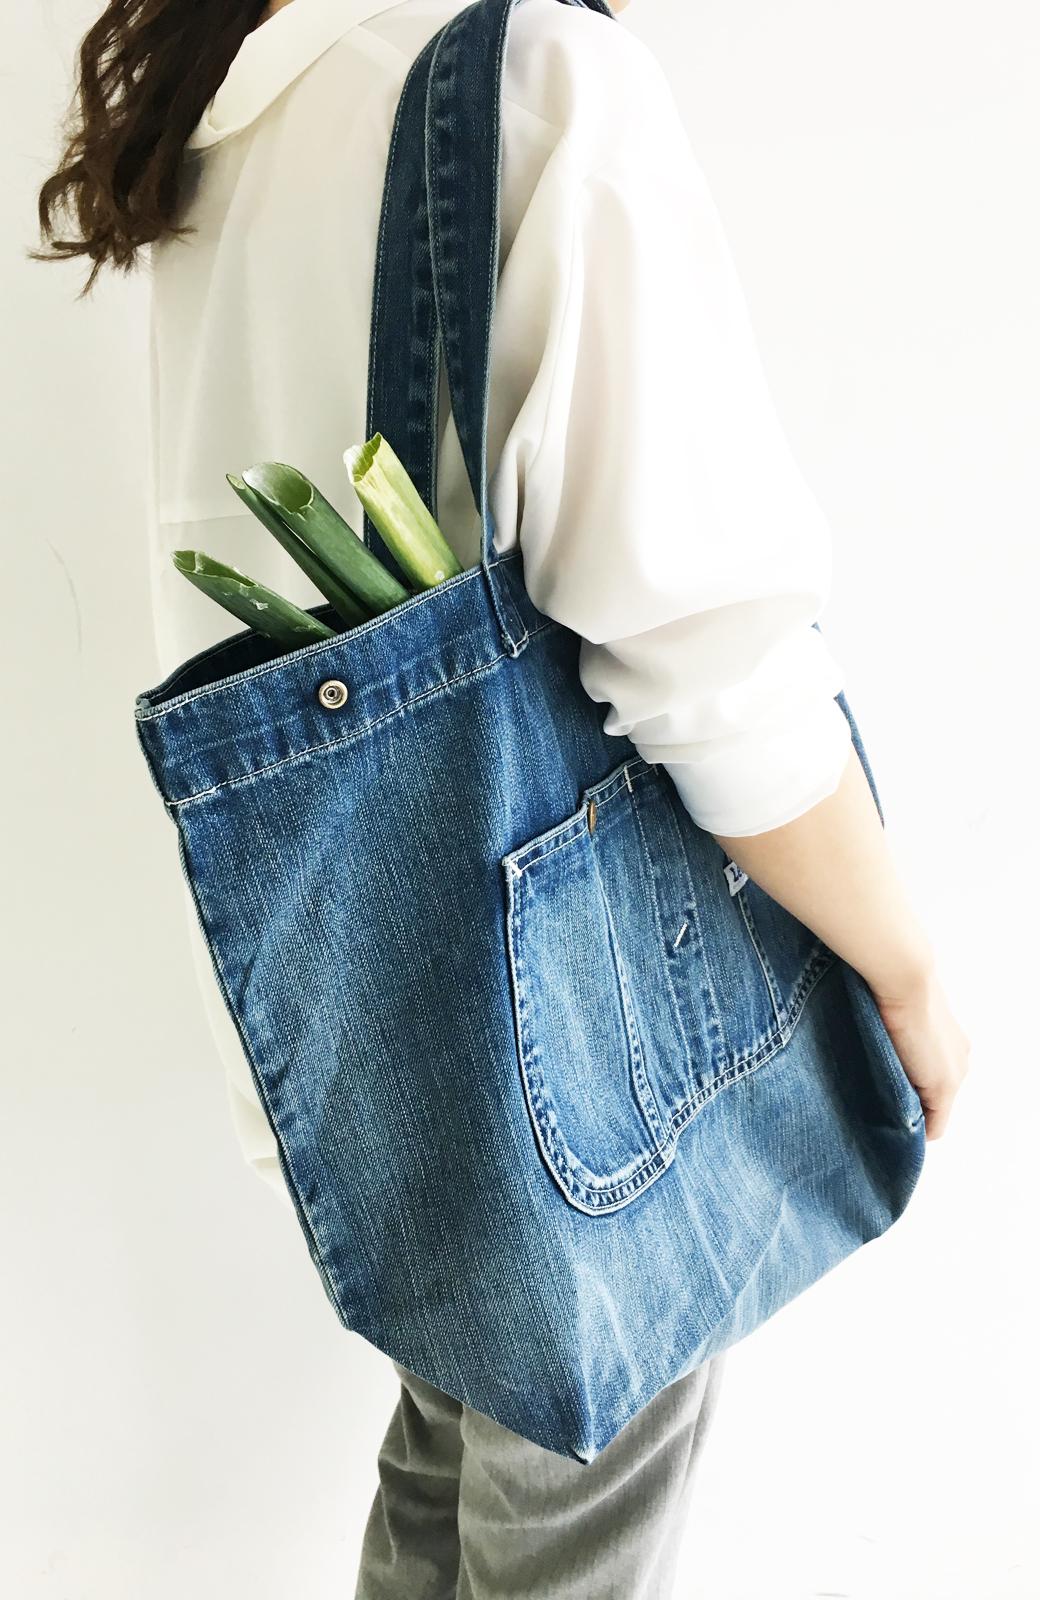 haco! Lee 大きい野菜もらくらく入るデニムショッピングバッグ <インディゴブルー>の商品写真1